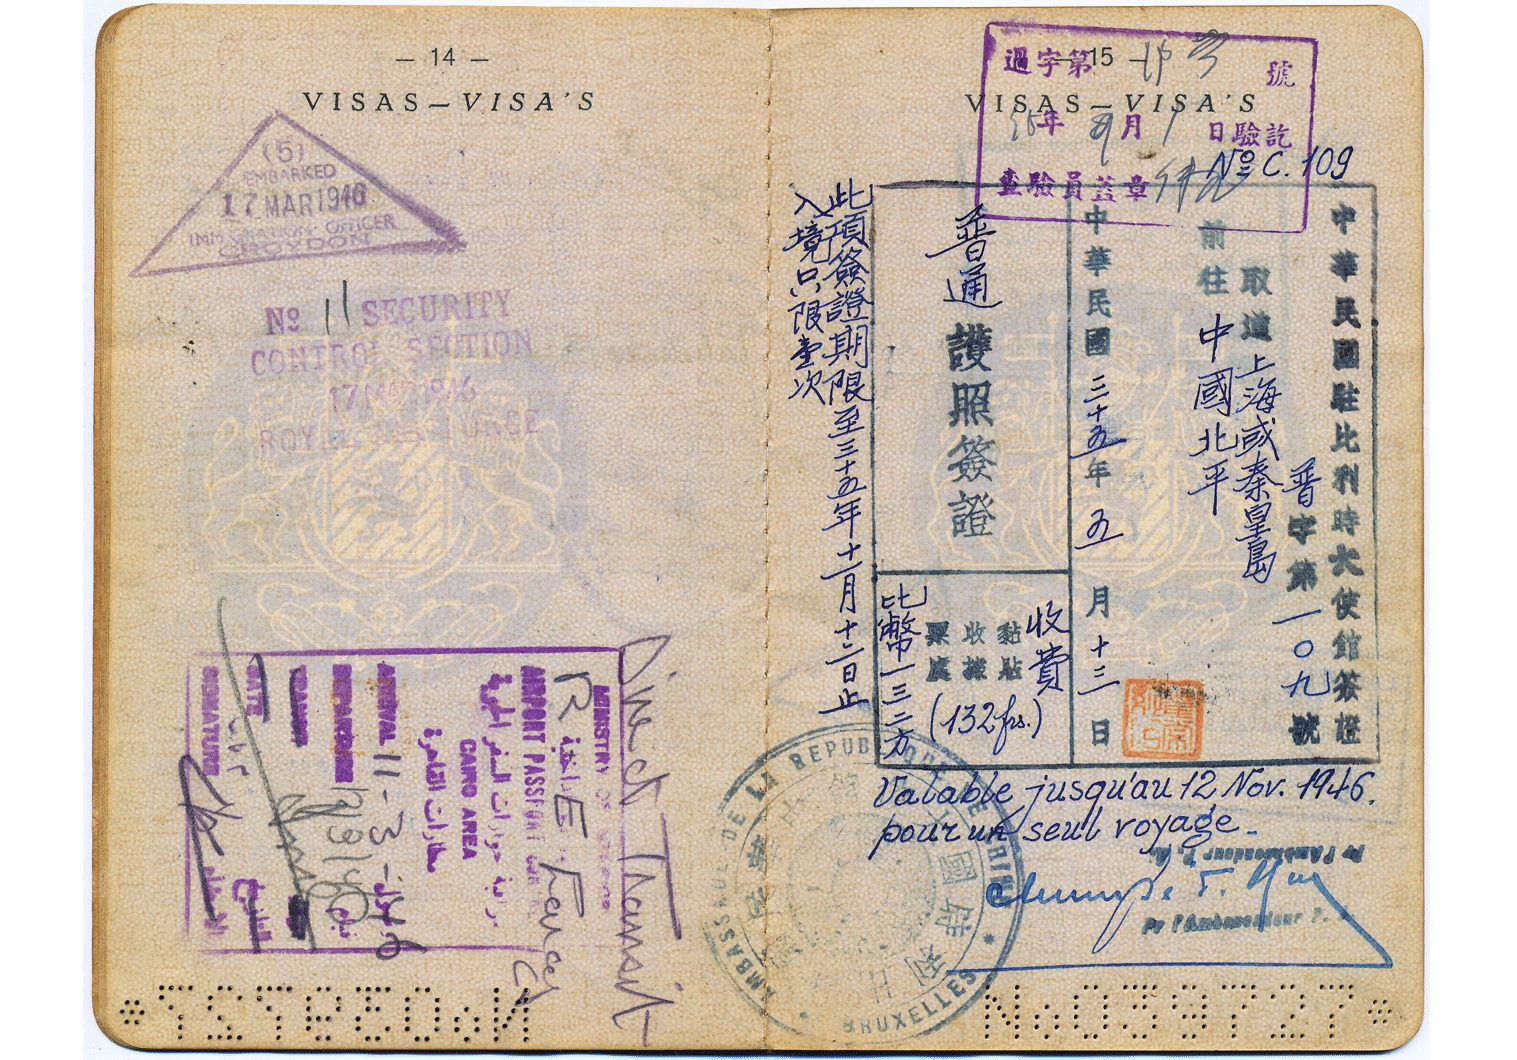 1946 China issued passport